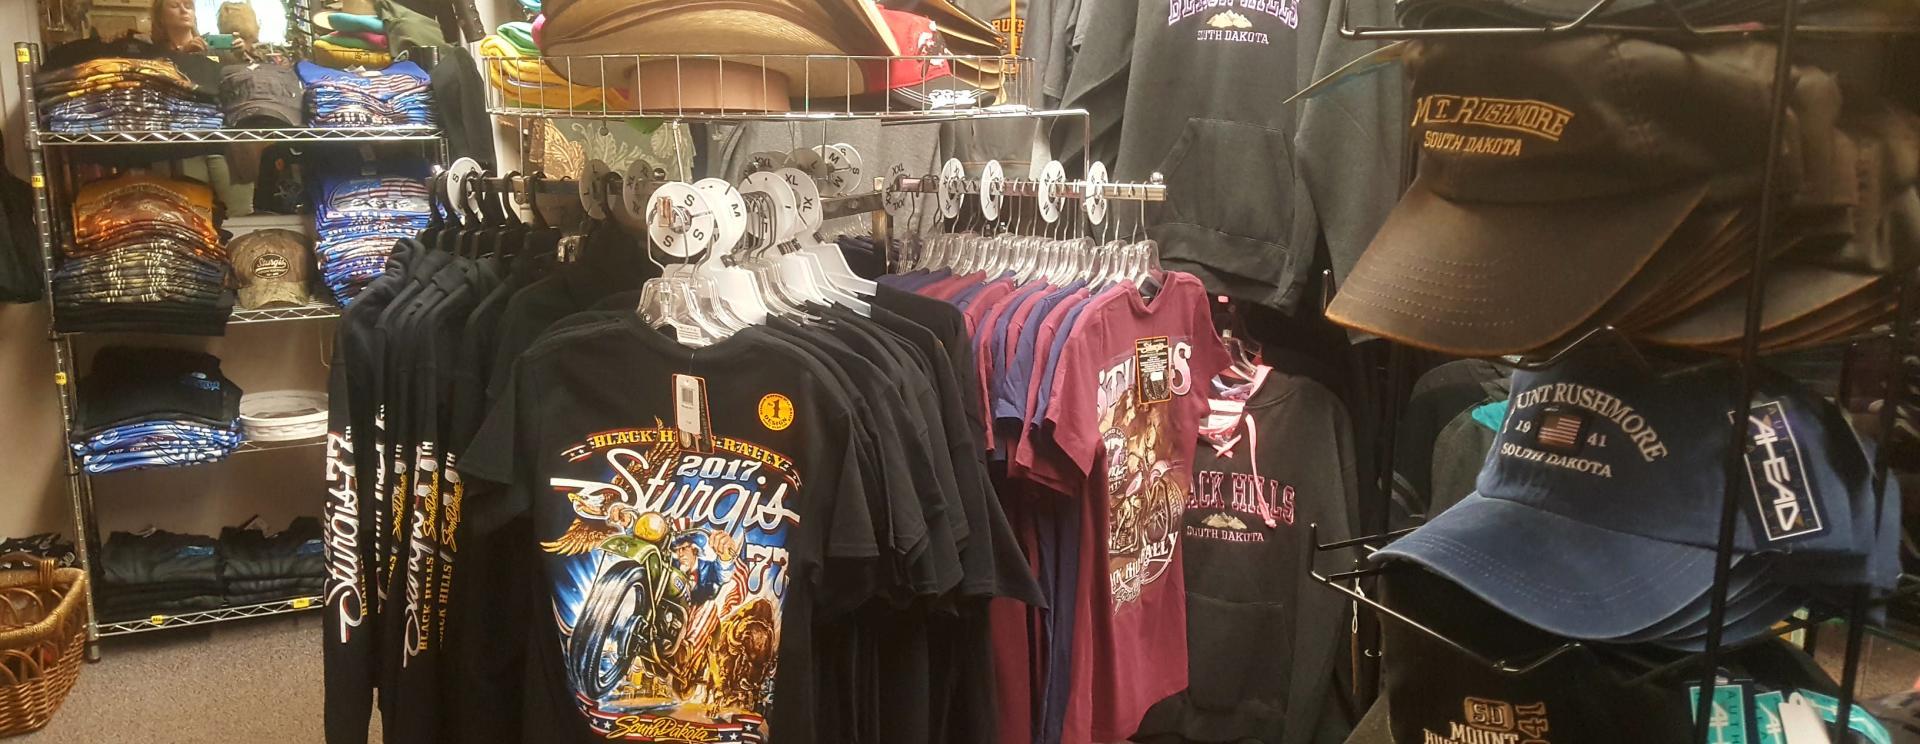 Mt Rushmore T-Shirts